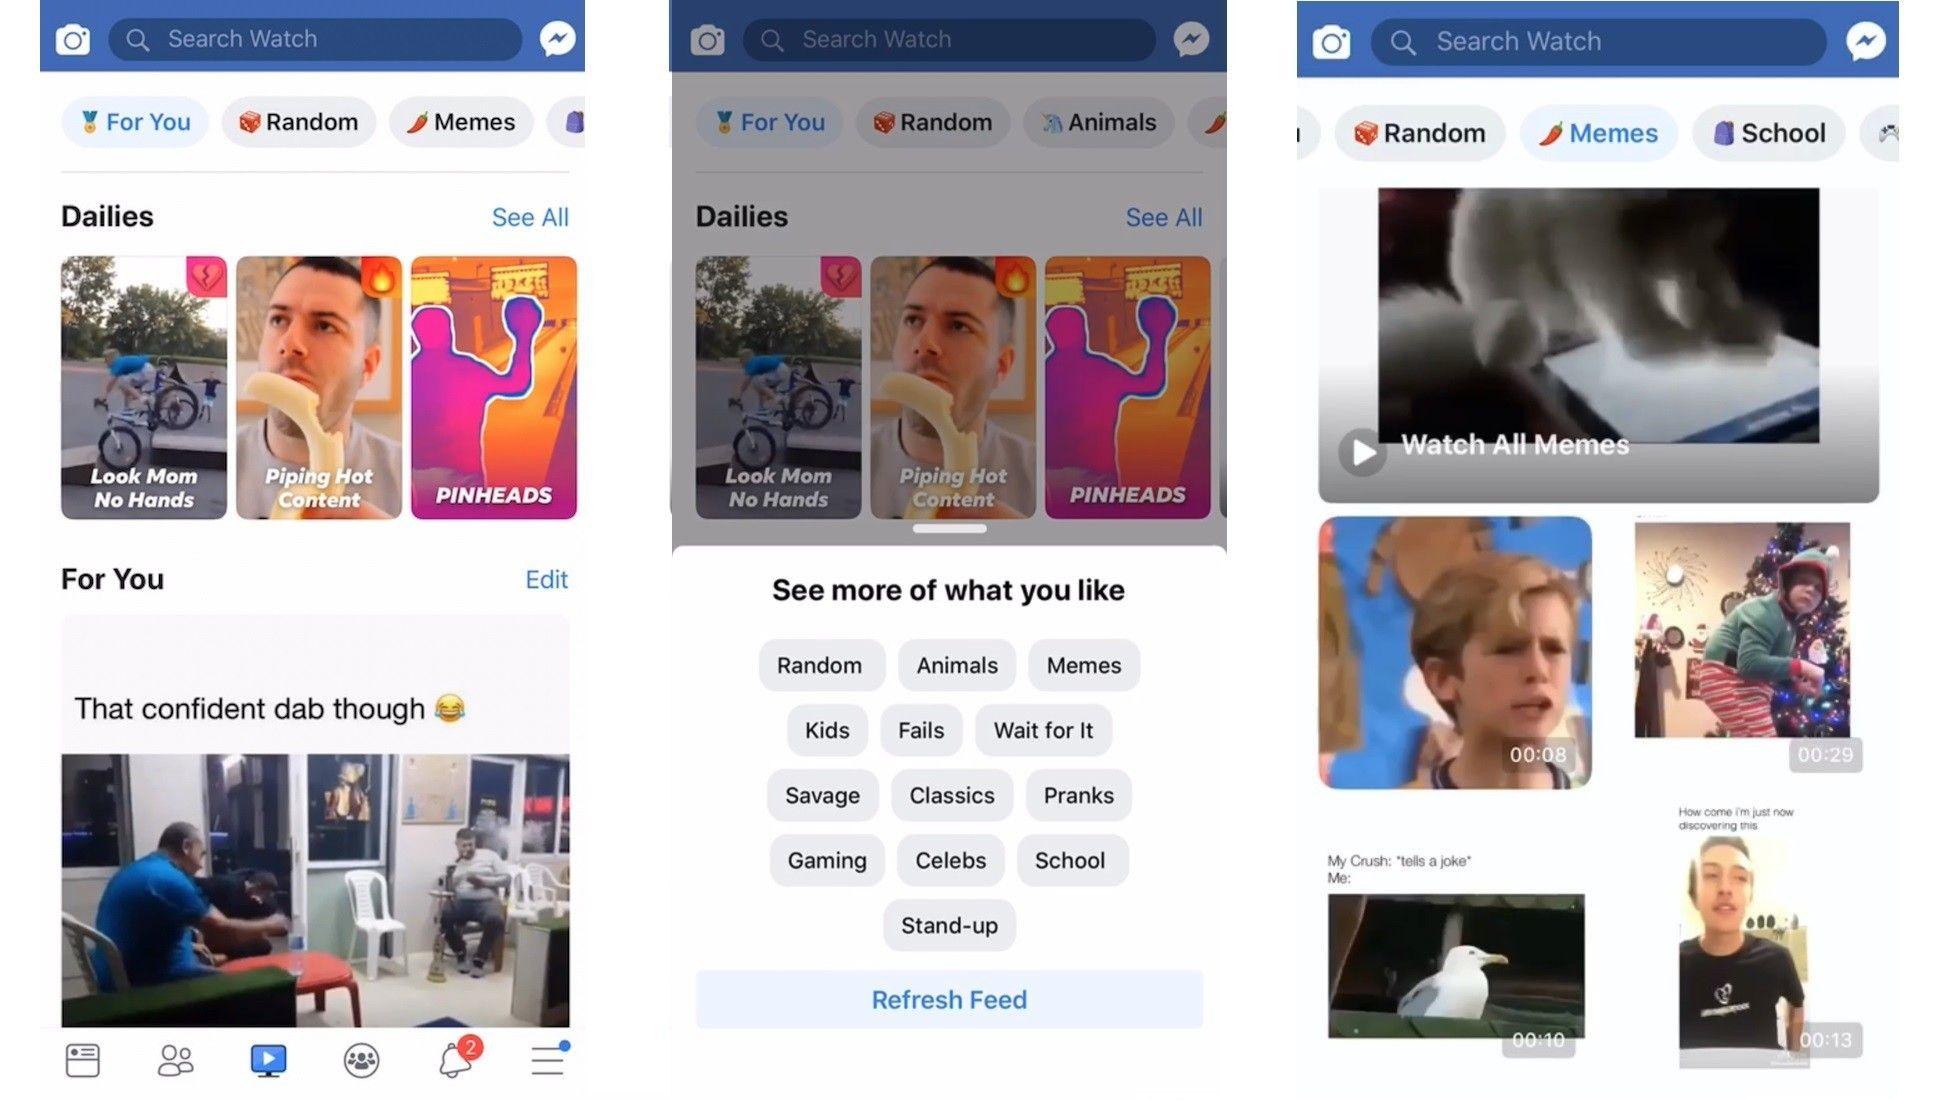 Facebook tester ut ny tjeneste for tenåringer kalt LOL